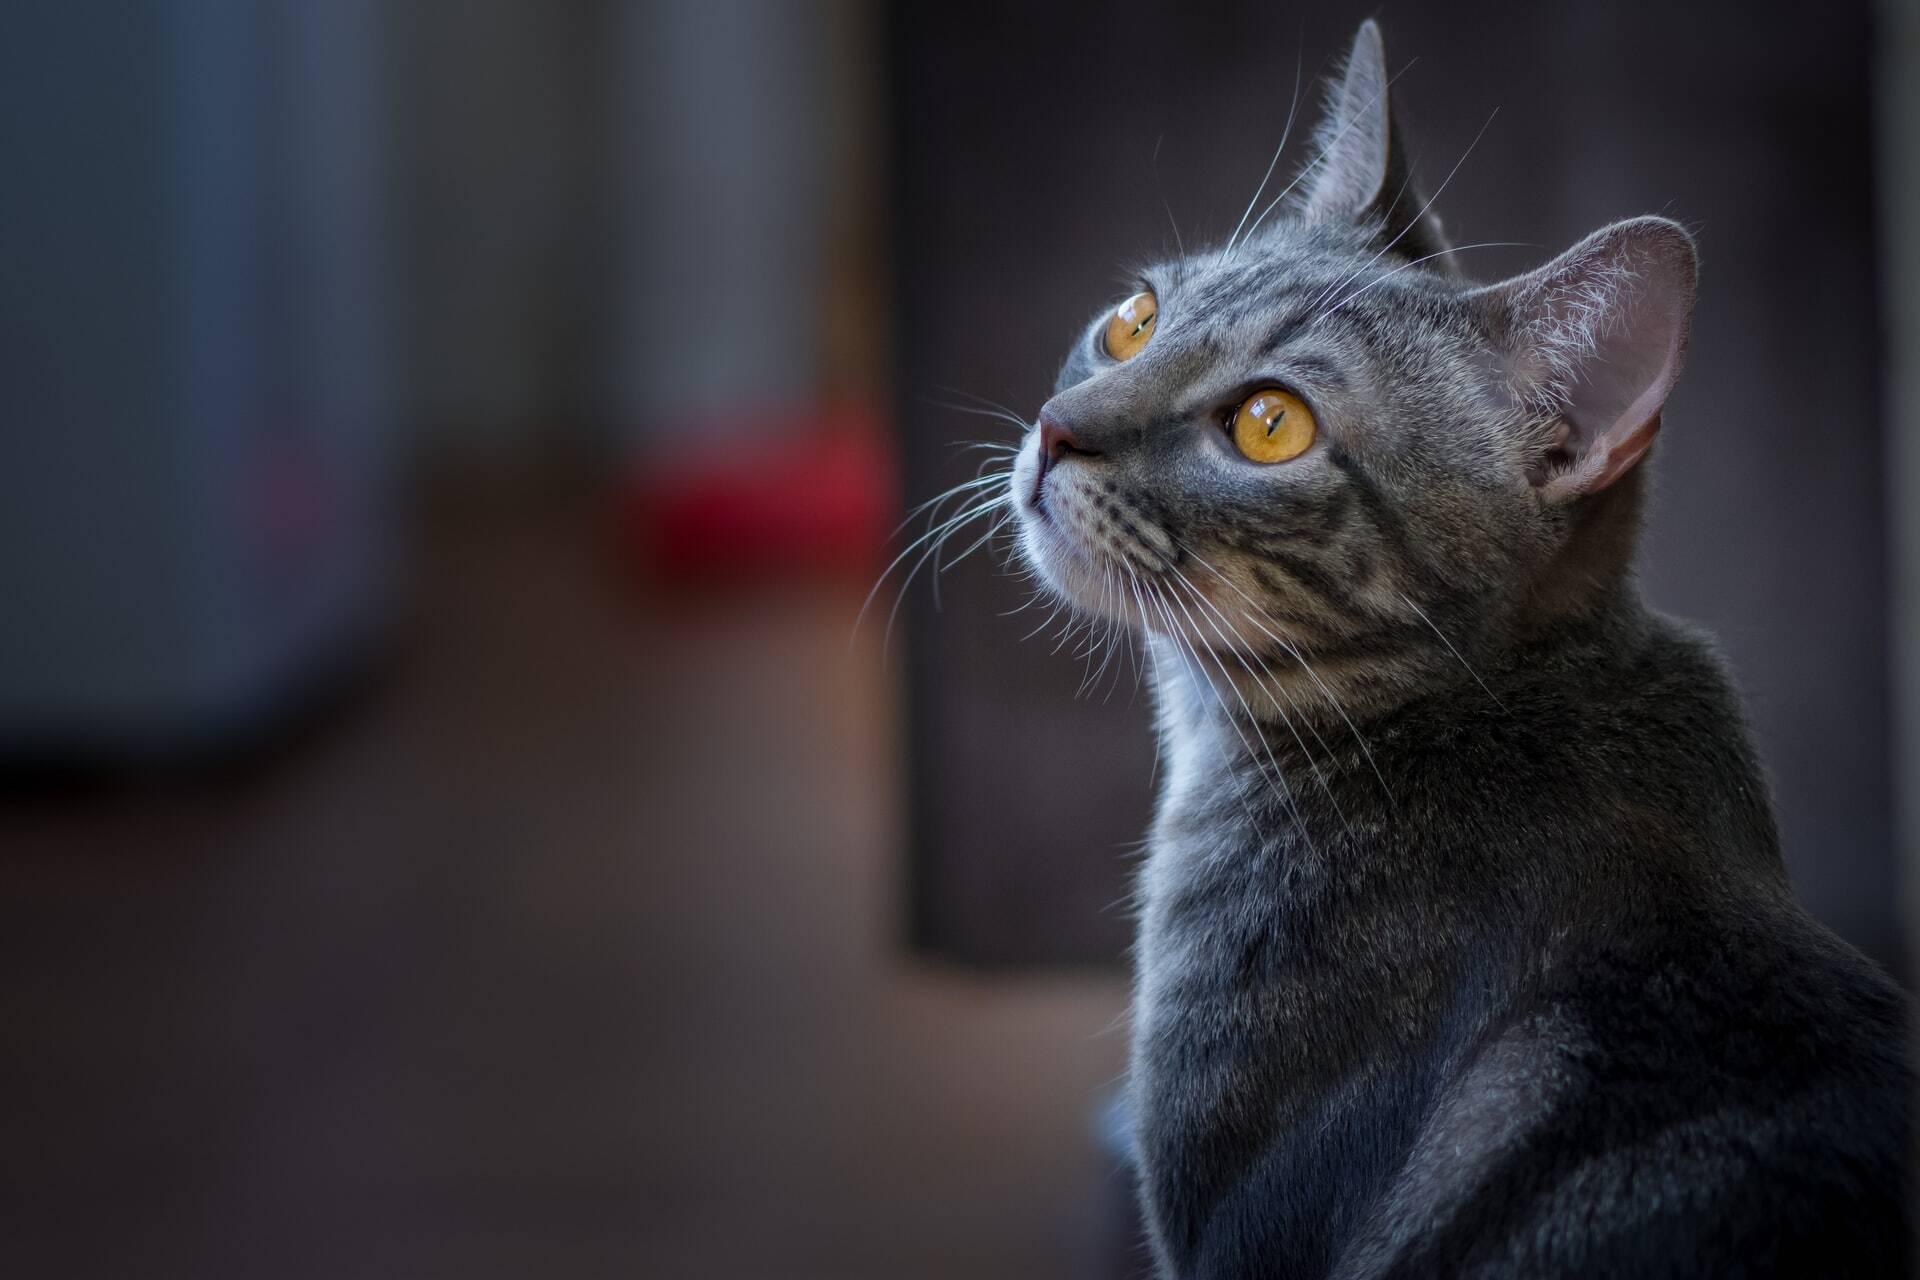 Novo aplicativo promete traduzir os sons produzidos por gatos